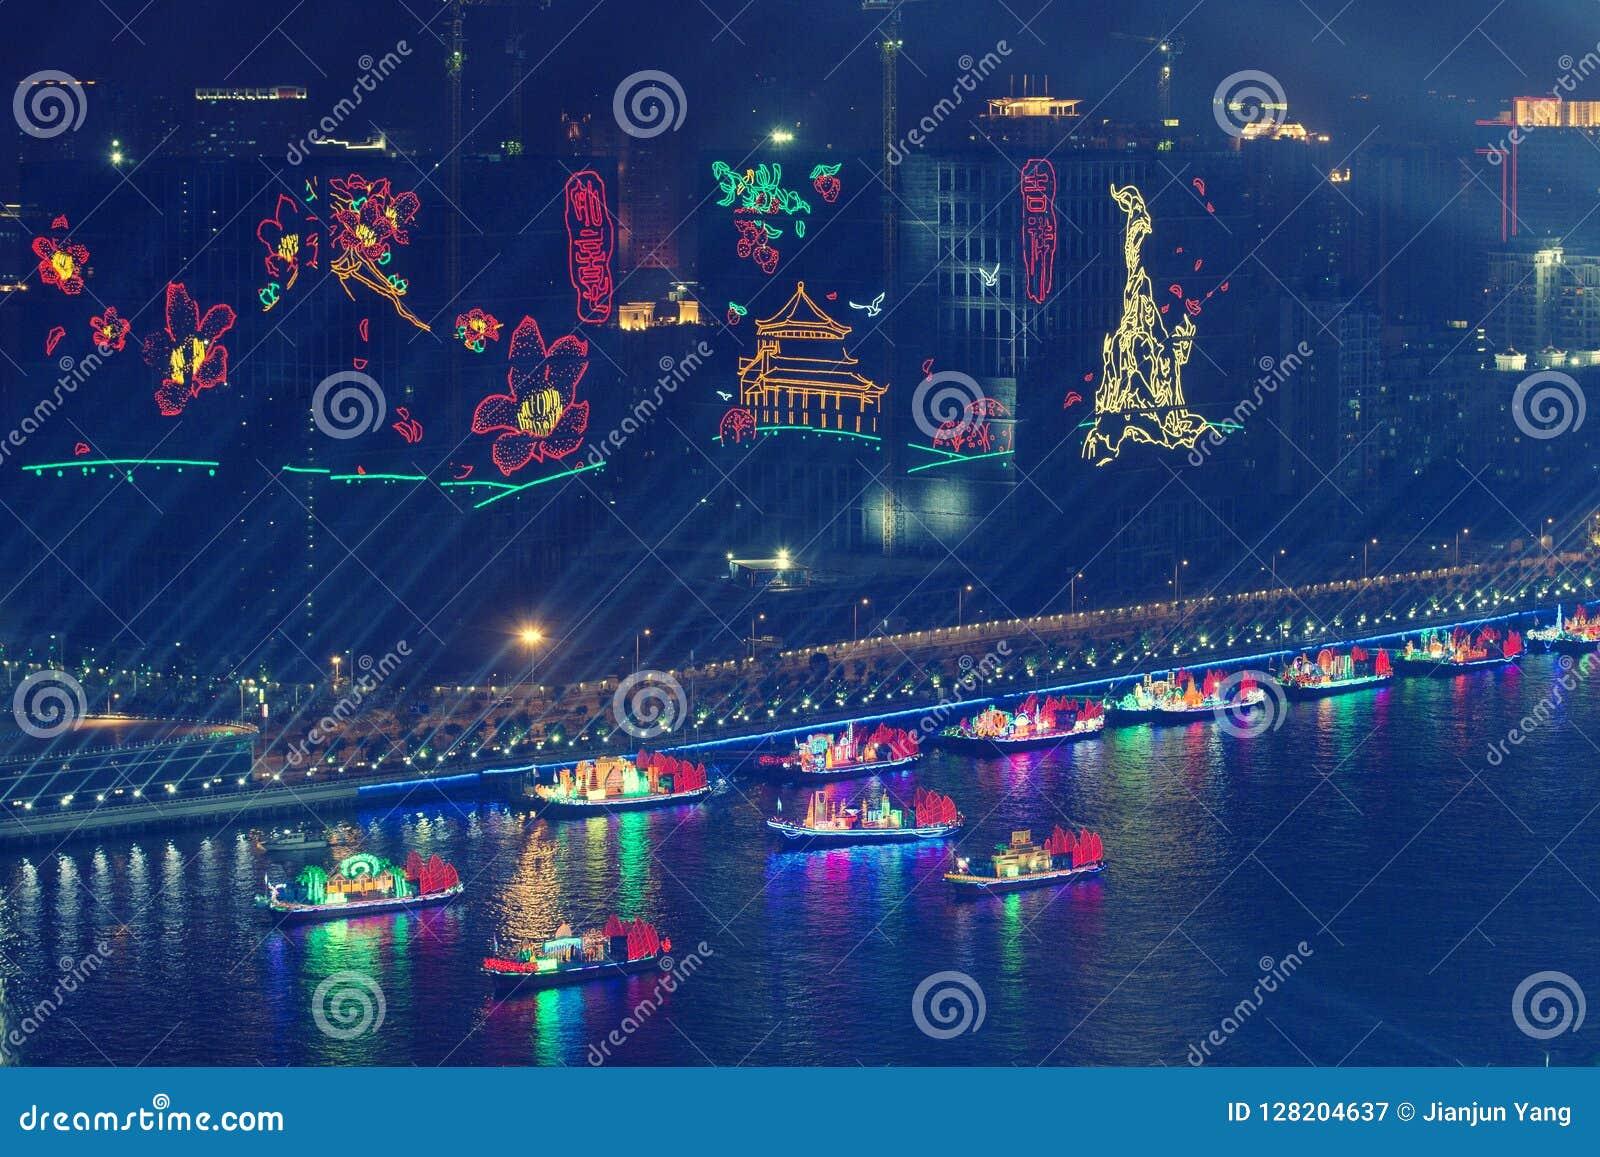 Opinión de la noche de la ceremonia de inauguración de 2010 Juegos Asiáticos Guangzhou China